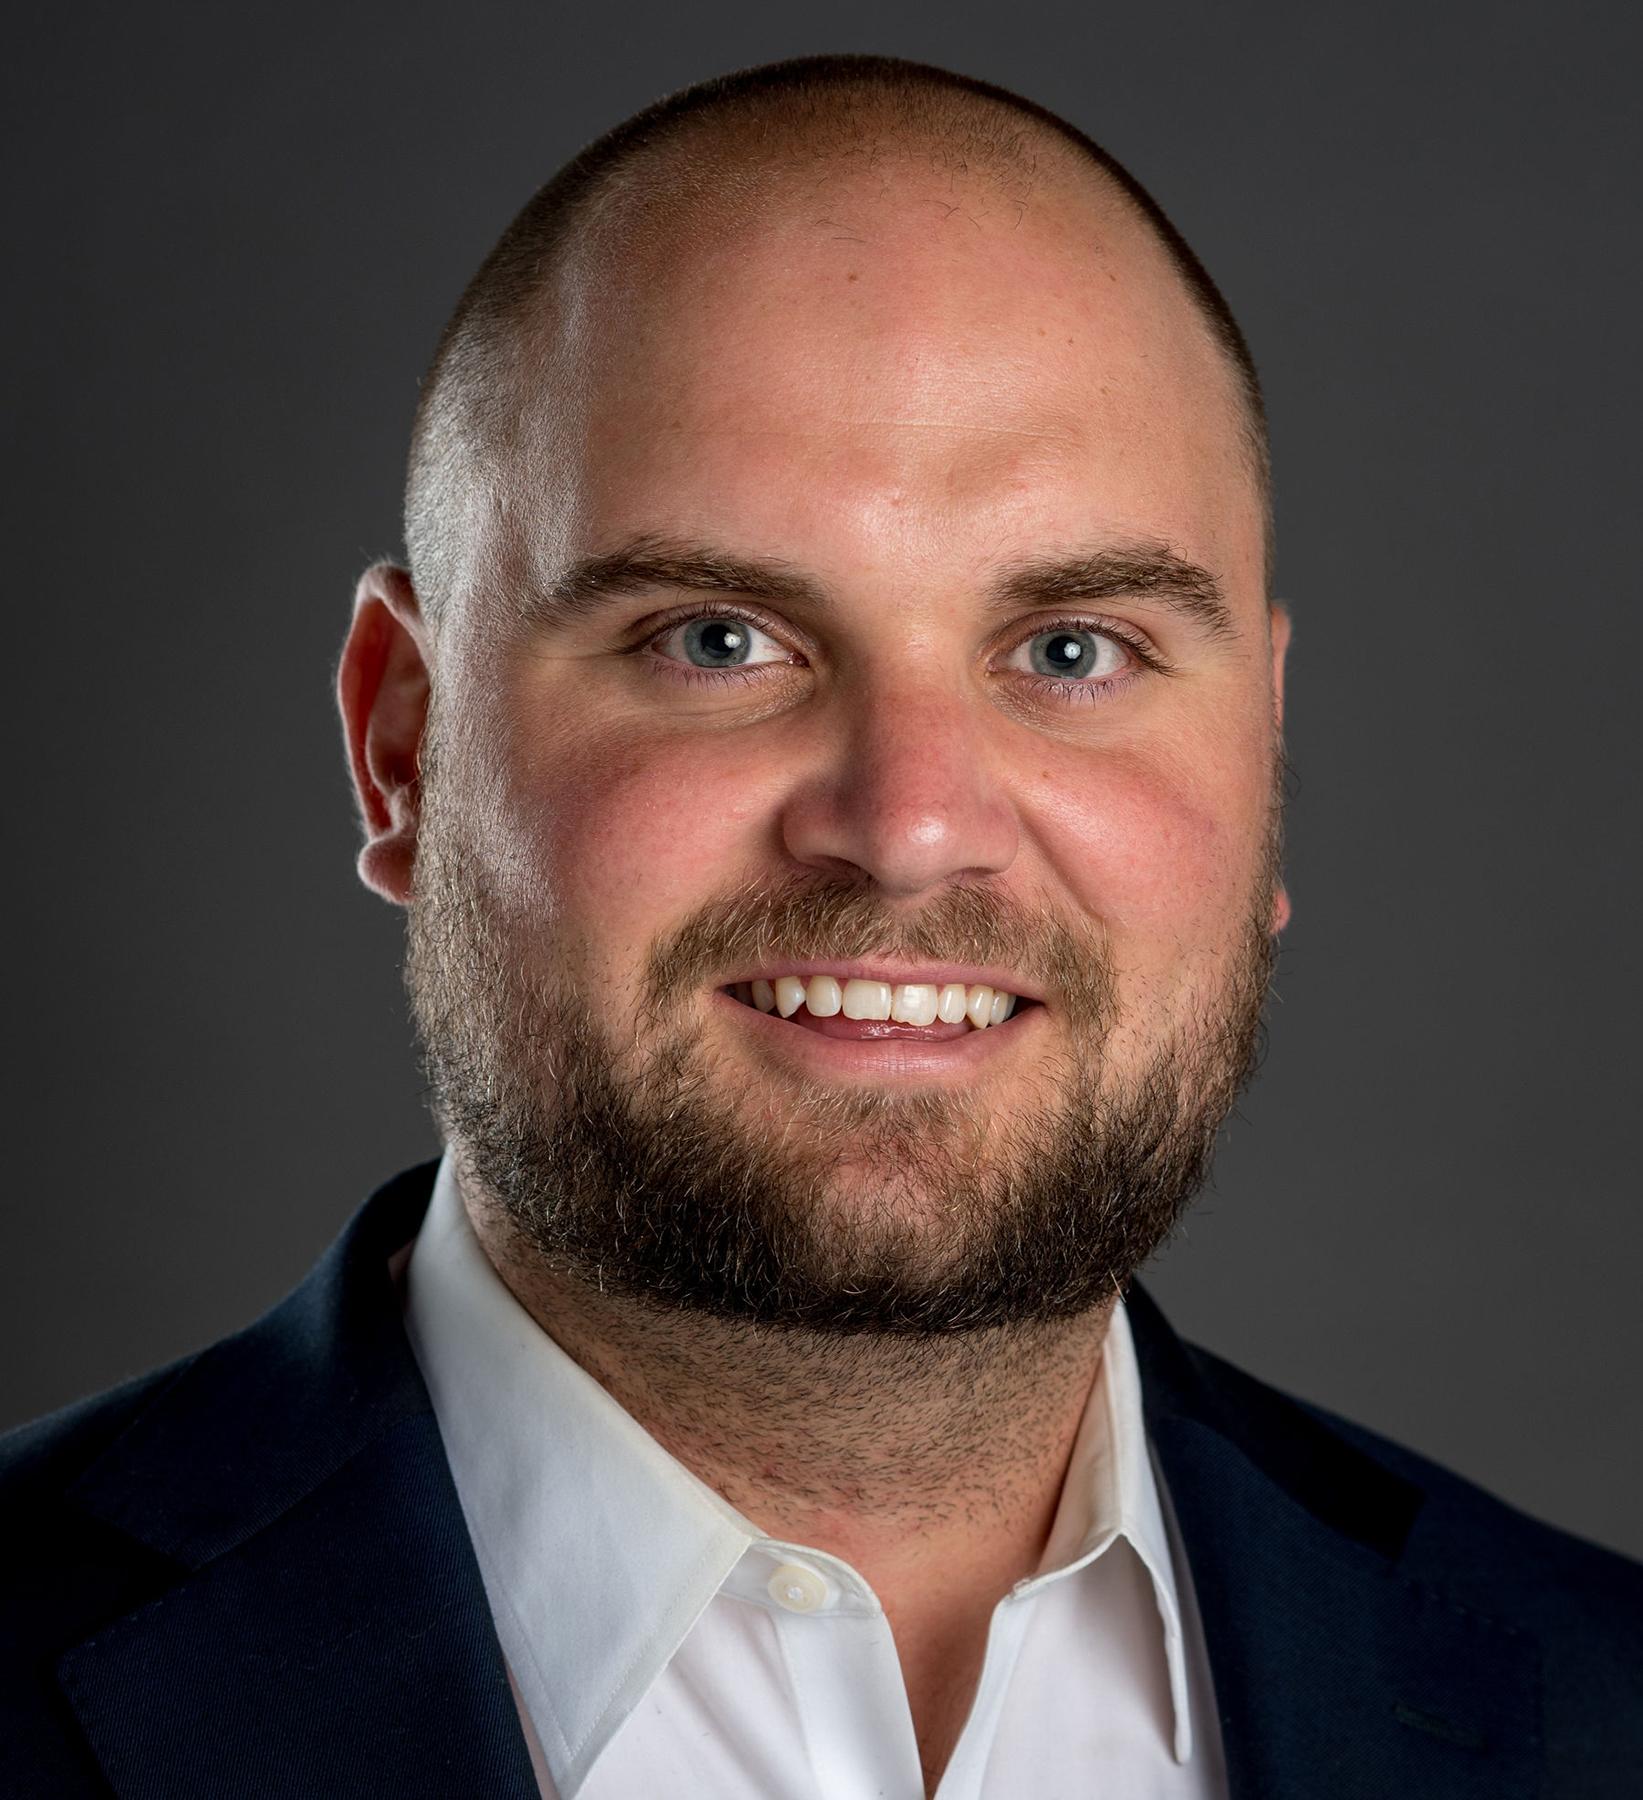 Matt Loeslein Headshot | Dakota Investments